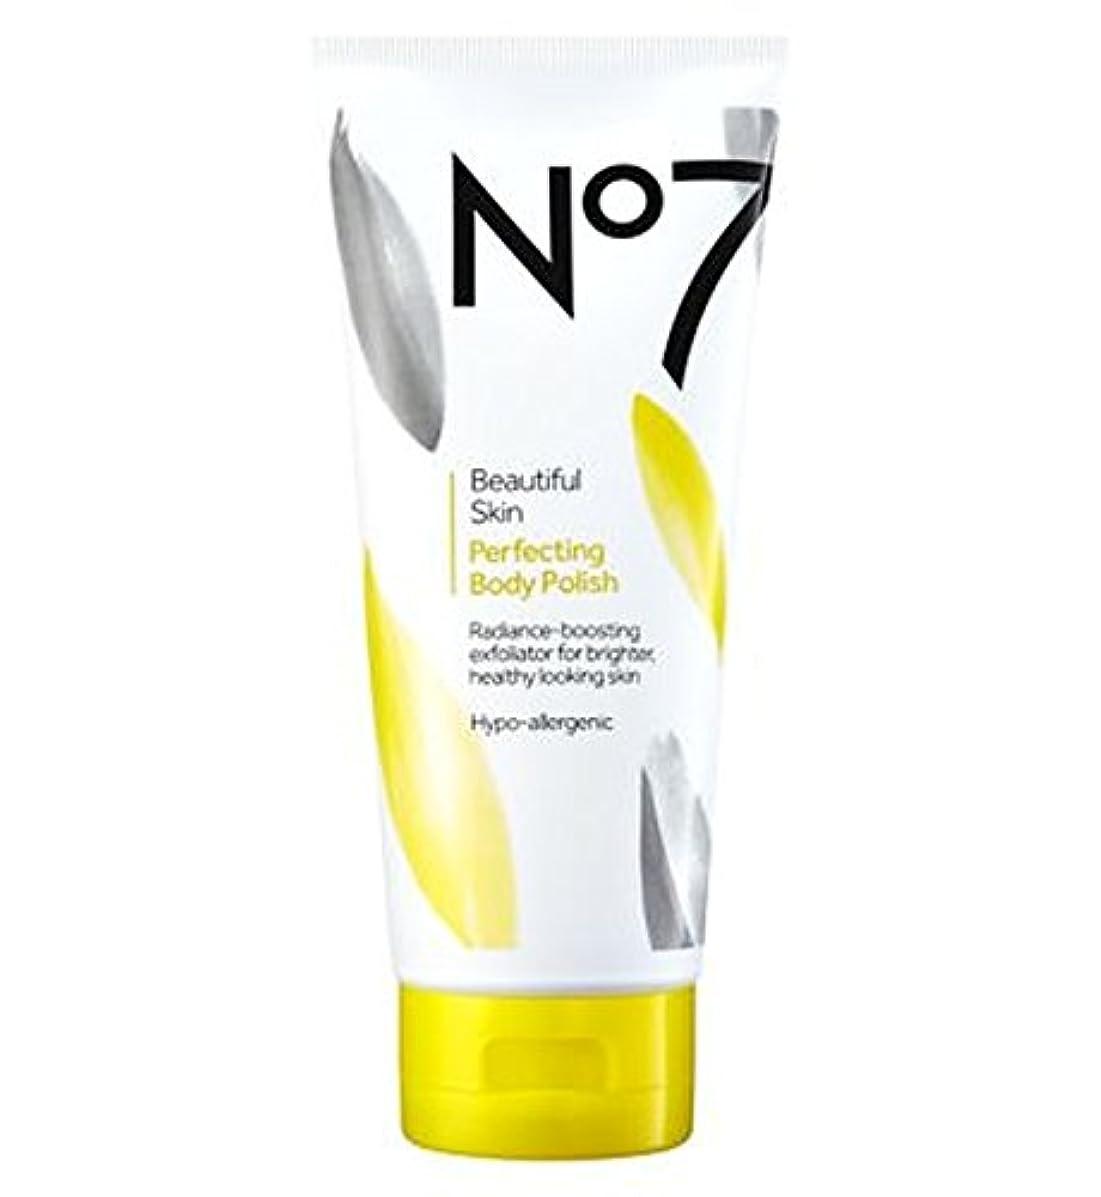 煙突ビジュアルハンサムボディポリッシュを完成No7美肌 (No7) (x2) - No7 Beautiful Skin Perfecting Body Polish (Pack of 2) [並行輸入品]